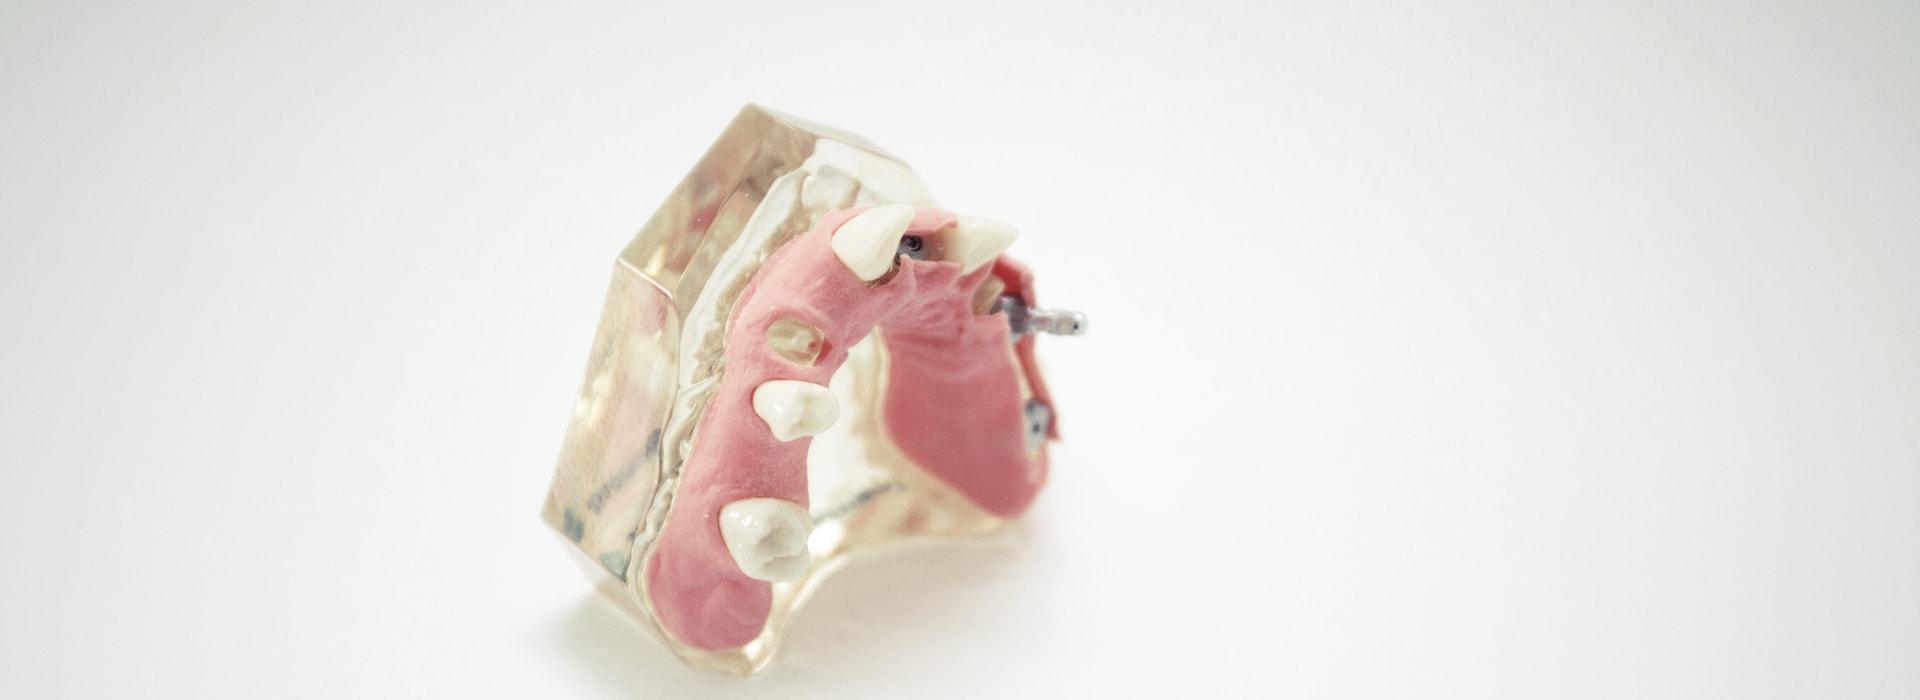 Notfall - Zahnunfall